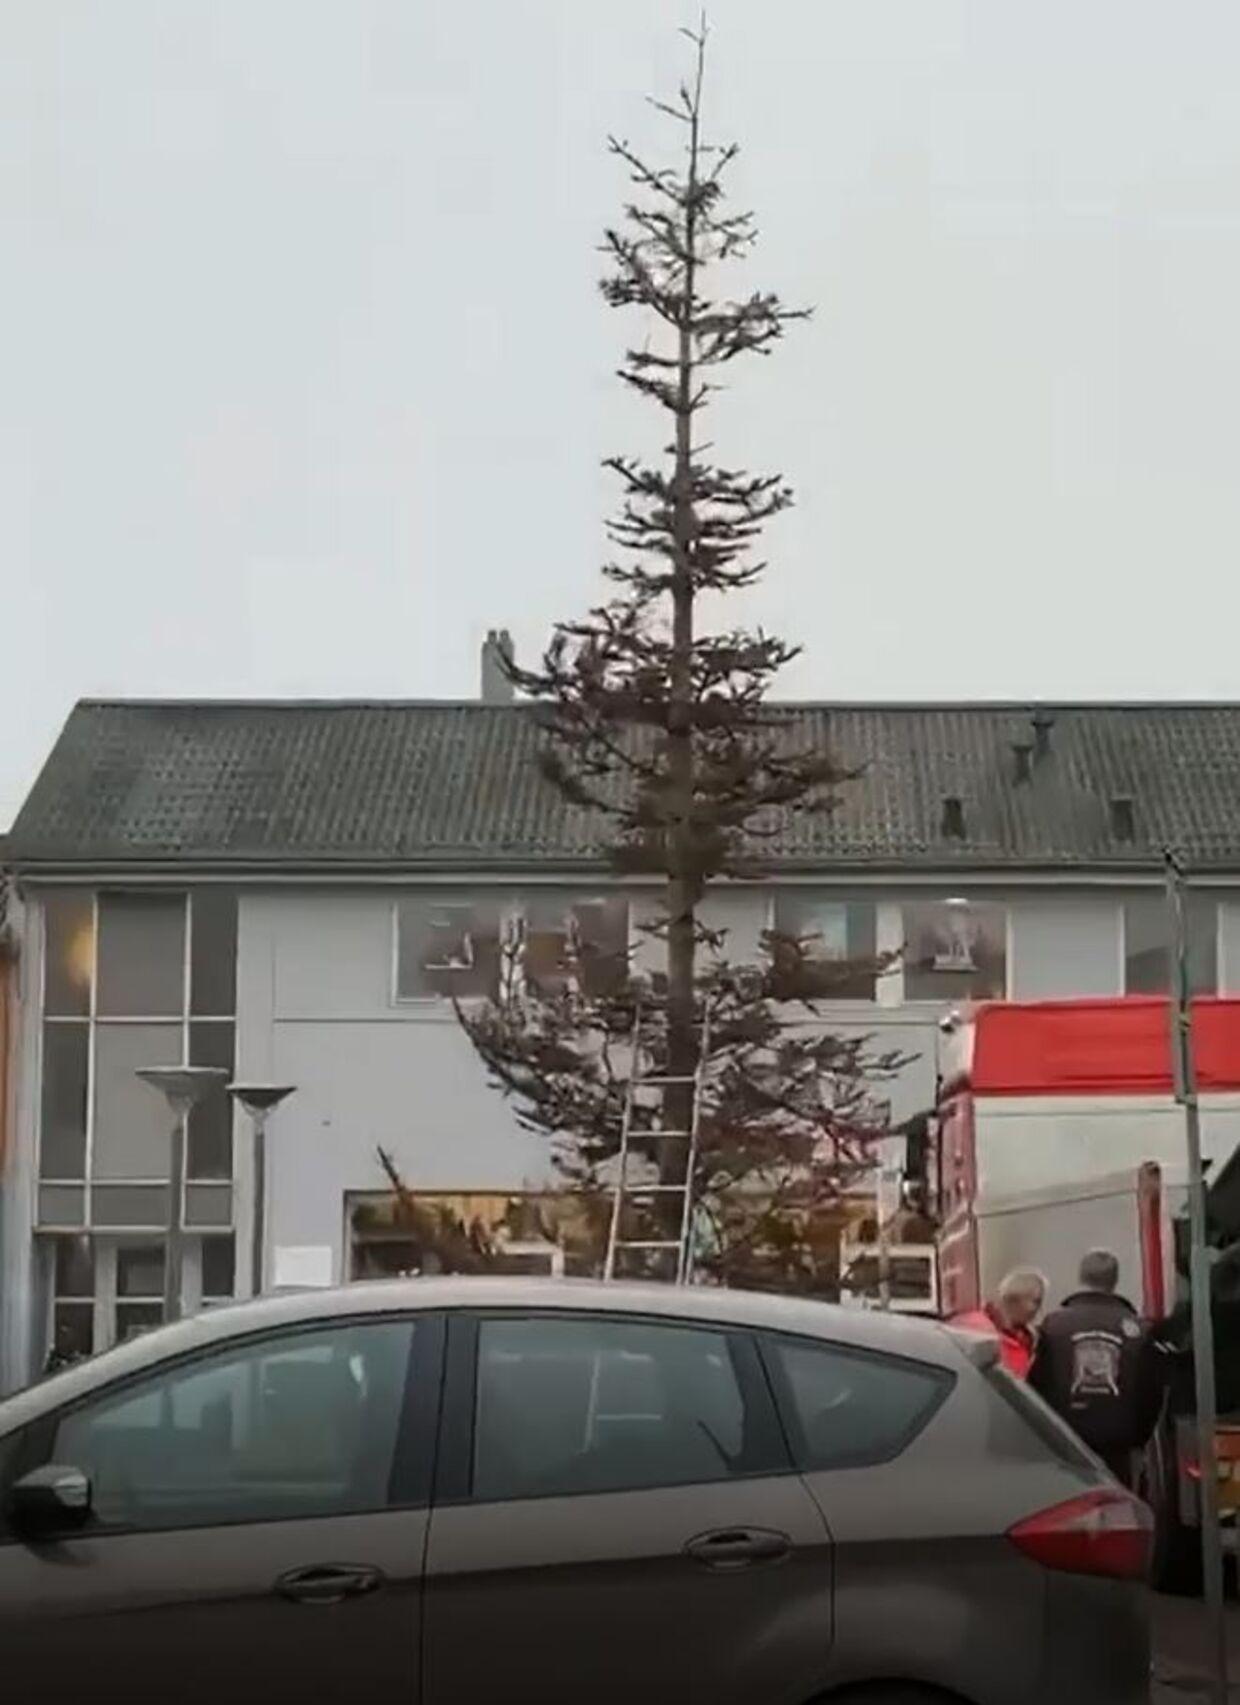 Juletræet i Aars er netop sat op.